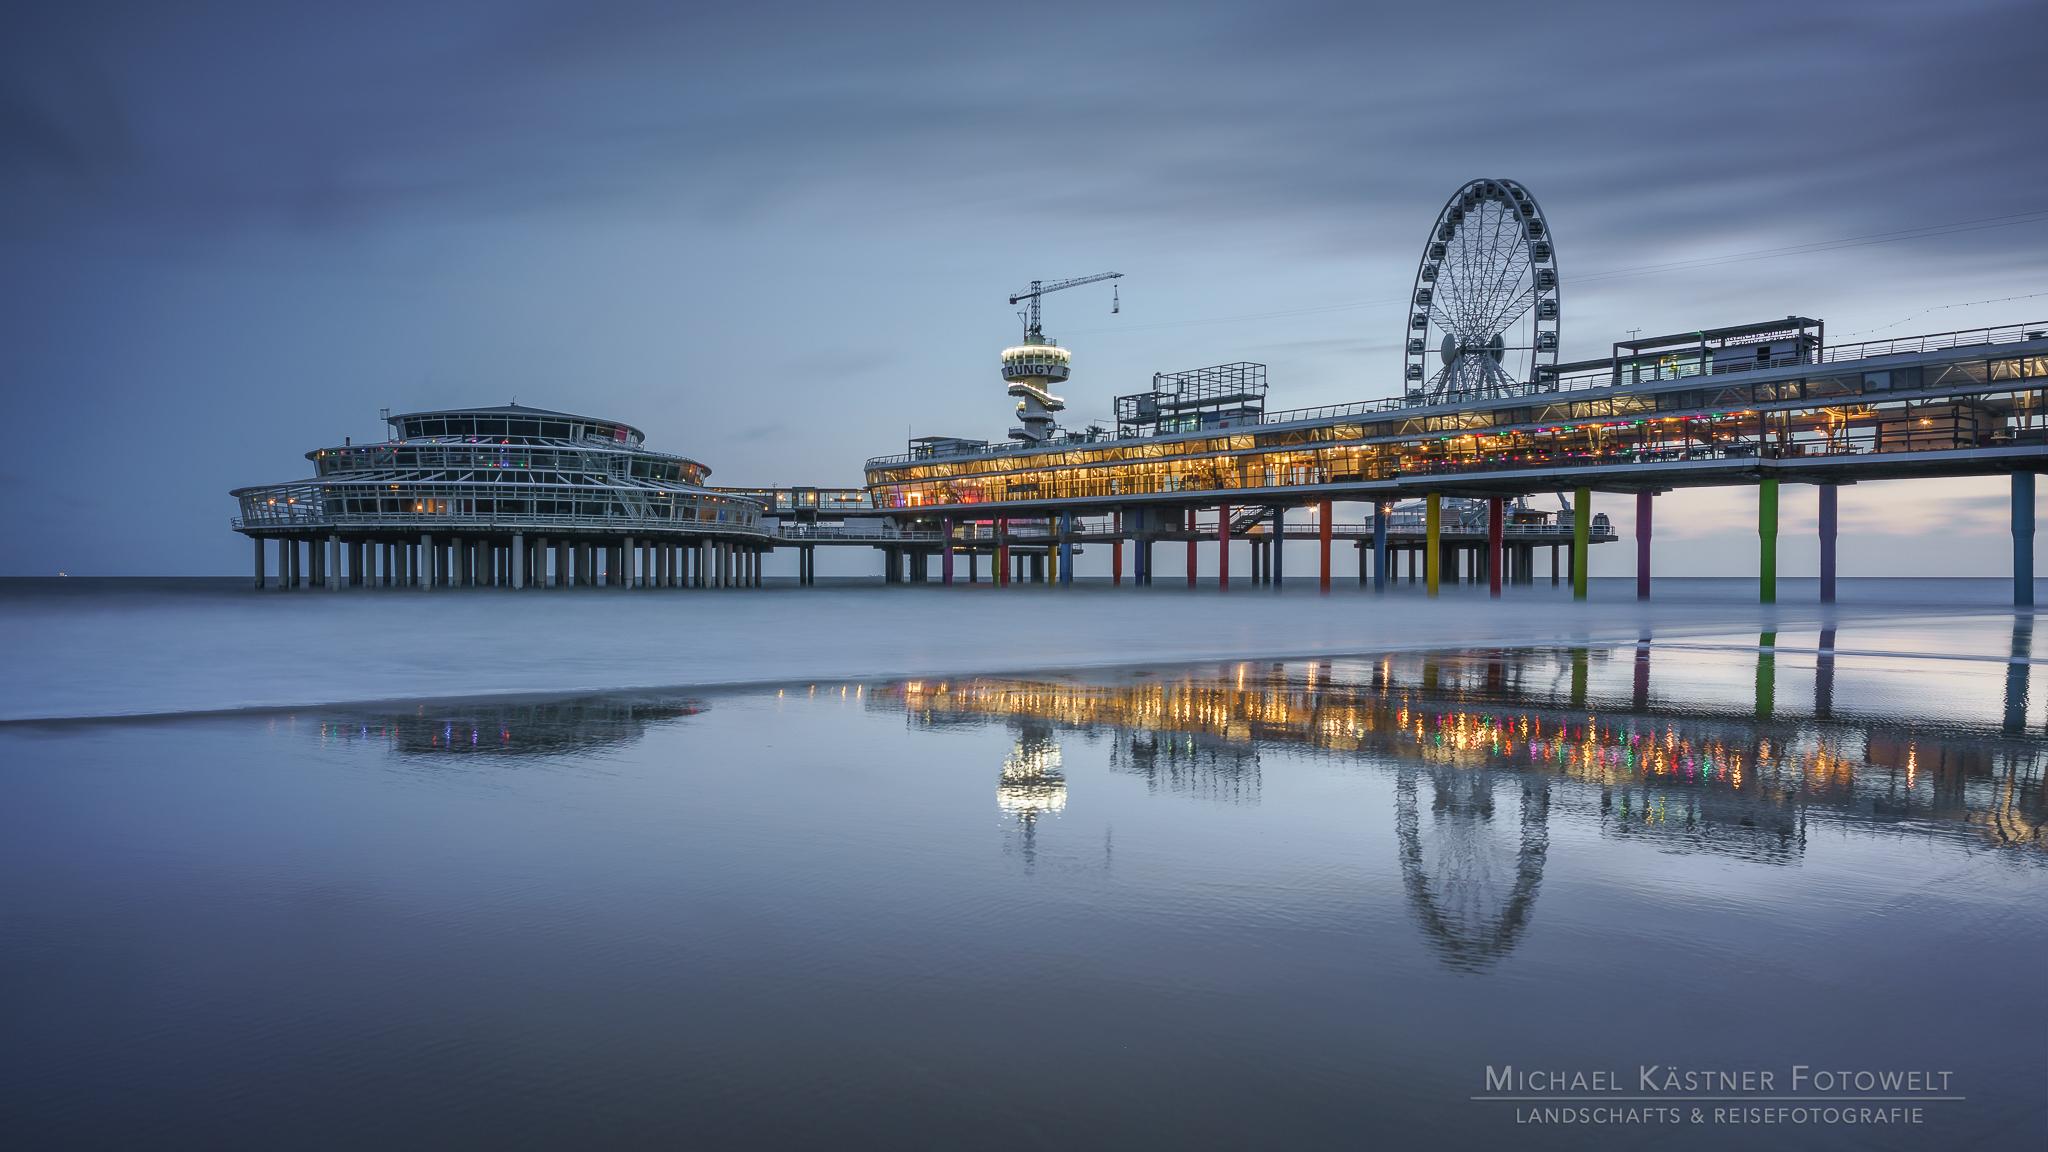 De Pier Scheveningen, Netherlands